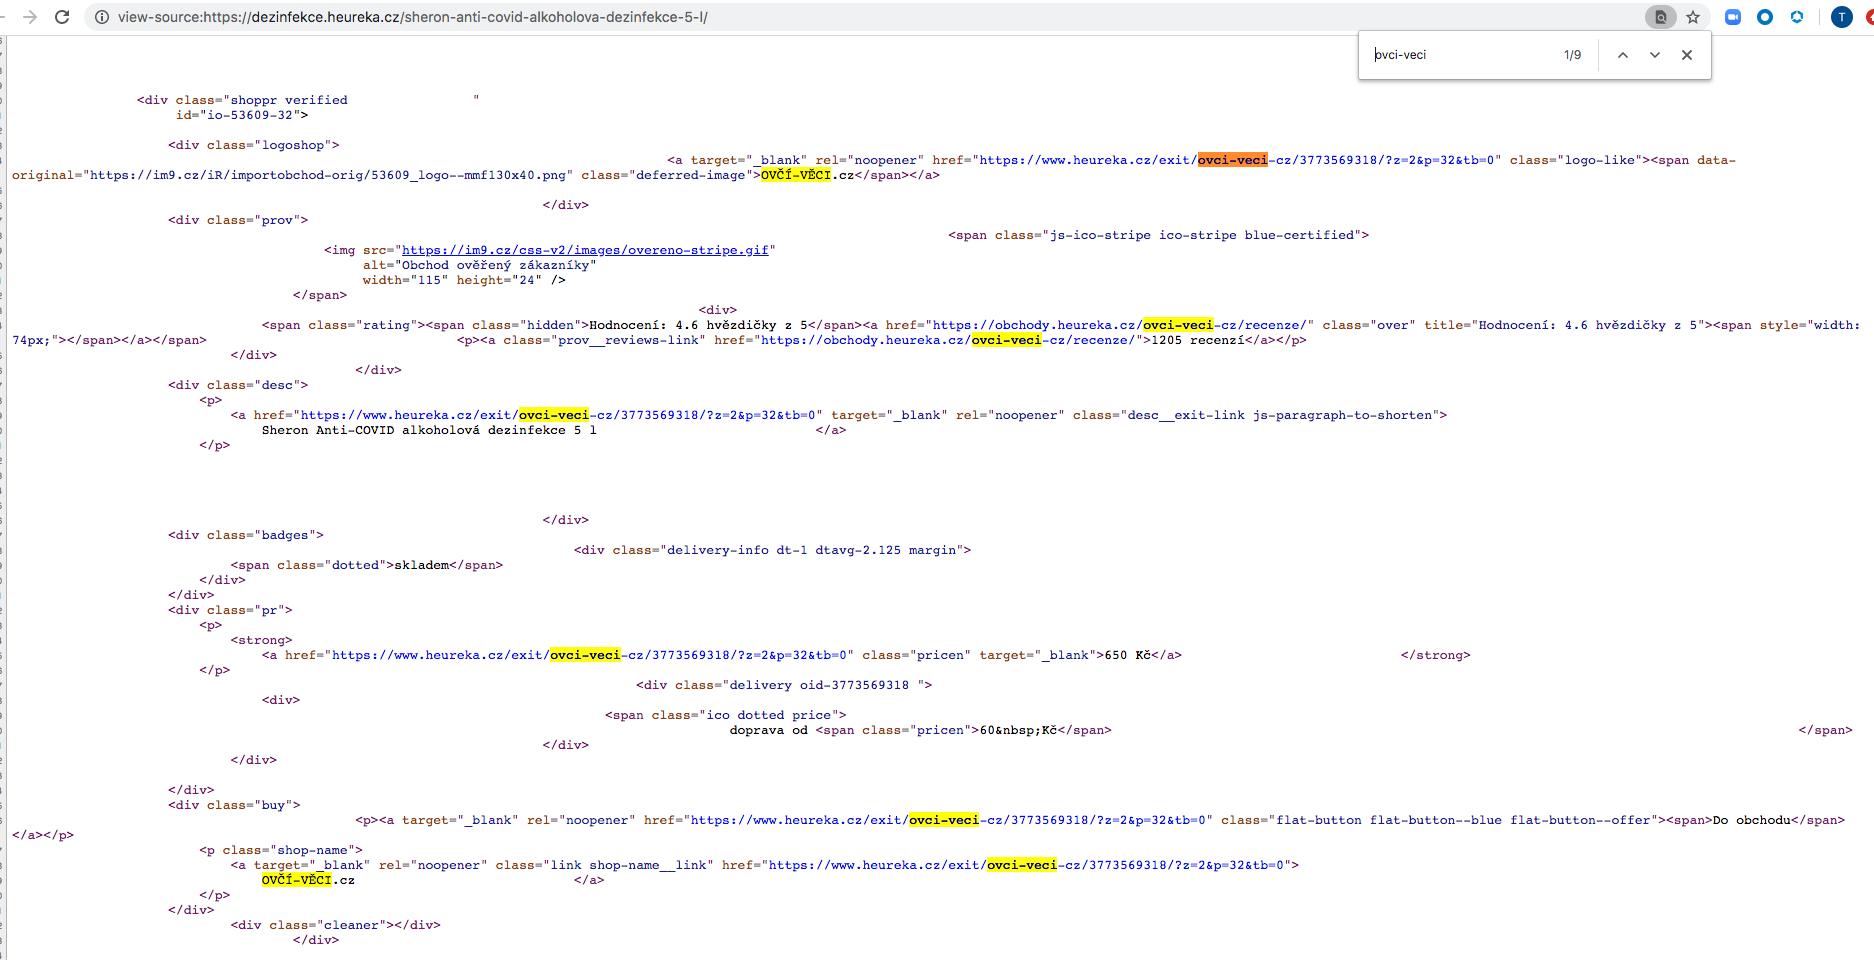 強調表示されている悪意のあるリンクを含むheureka[.]czのページのソースコード。